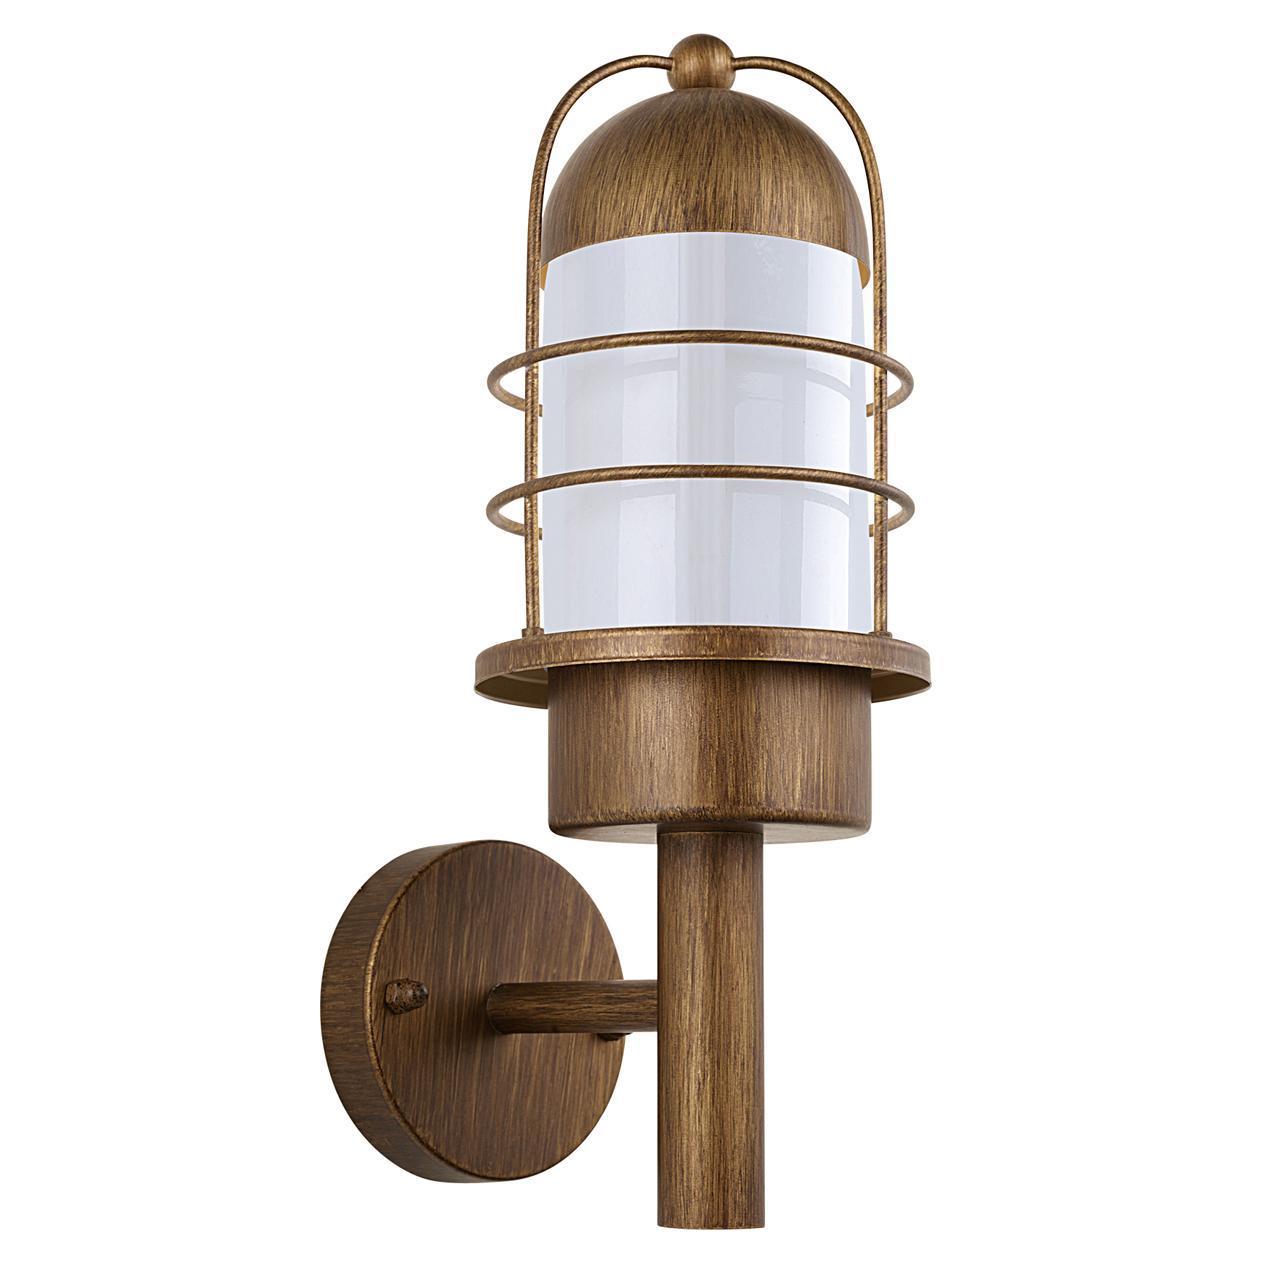 Уличный настенный светильник Eglo Minorca 89533 деком 5 89533 089 4